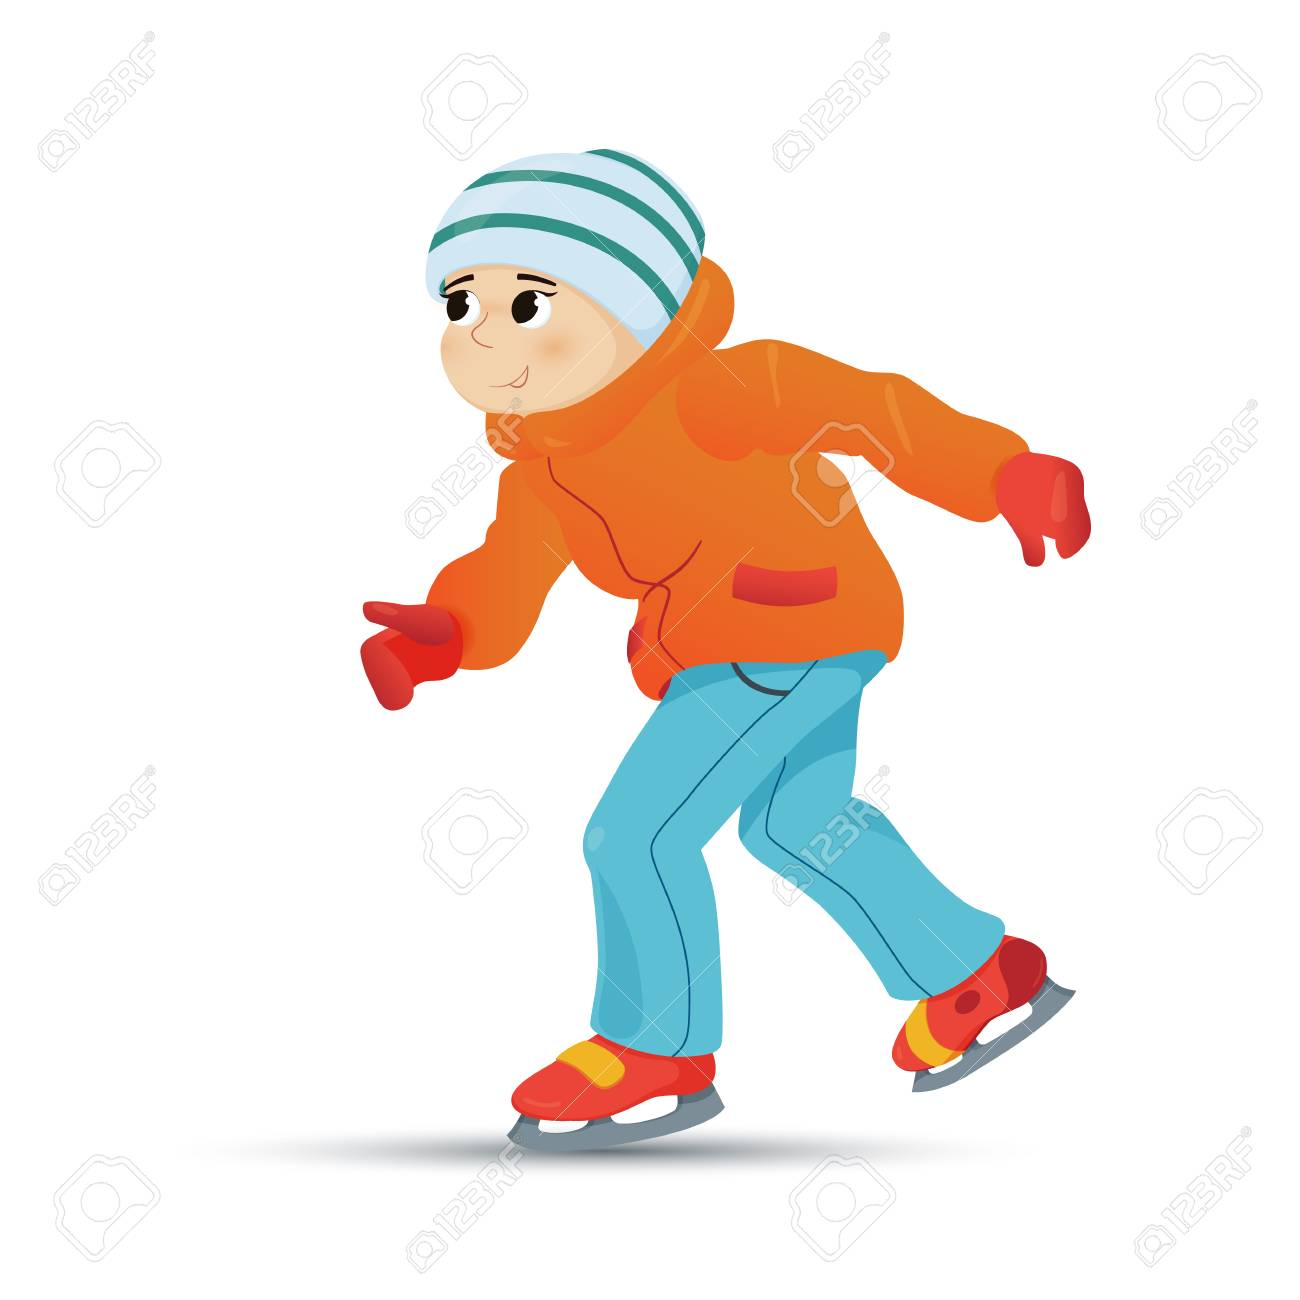 Happy Boy In Warm Clothes Ice Skating Winter Sport Activity Retro Style Cartoon Vector